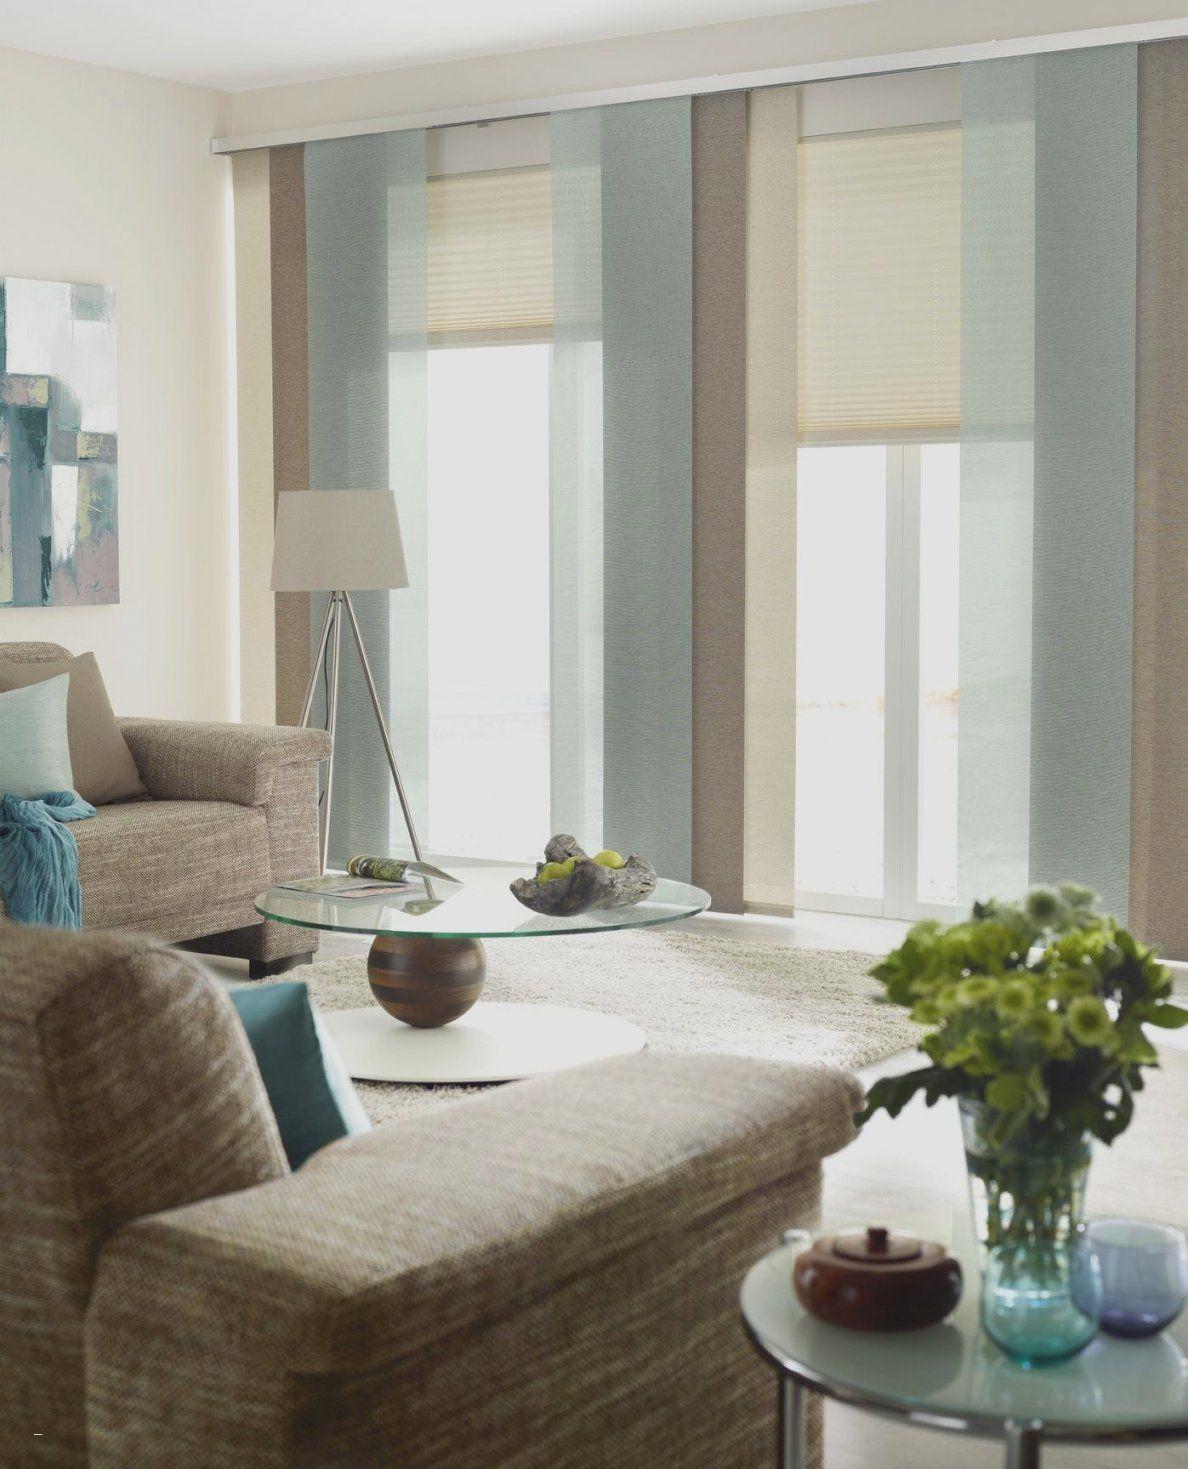 Wohnideen  Fenster Modern Gestalten Mit Neu 30 Wohnzimmer Gardinen von Fenster Gestalten Gardinen Ideen Bild